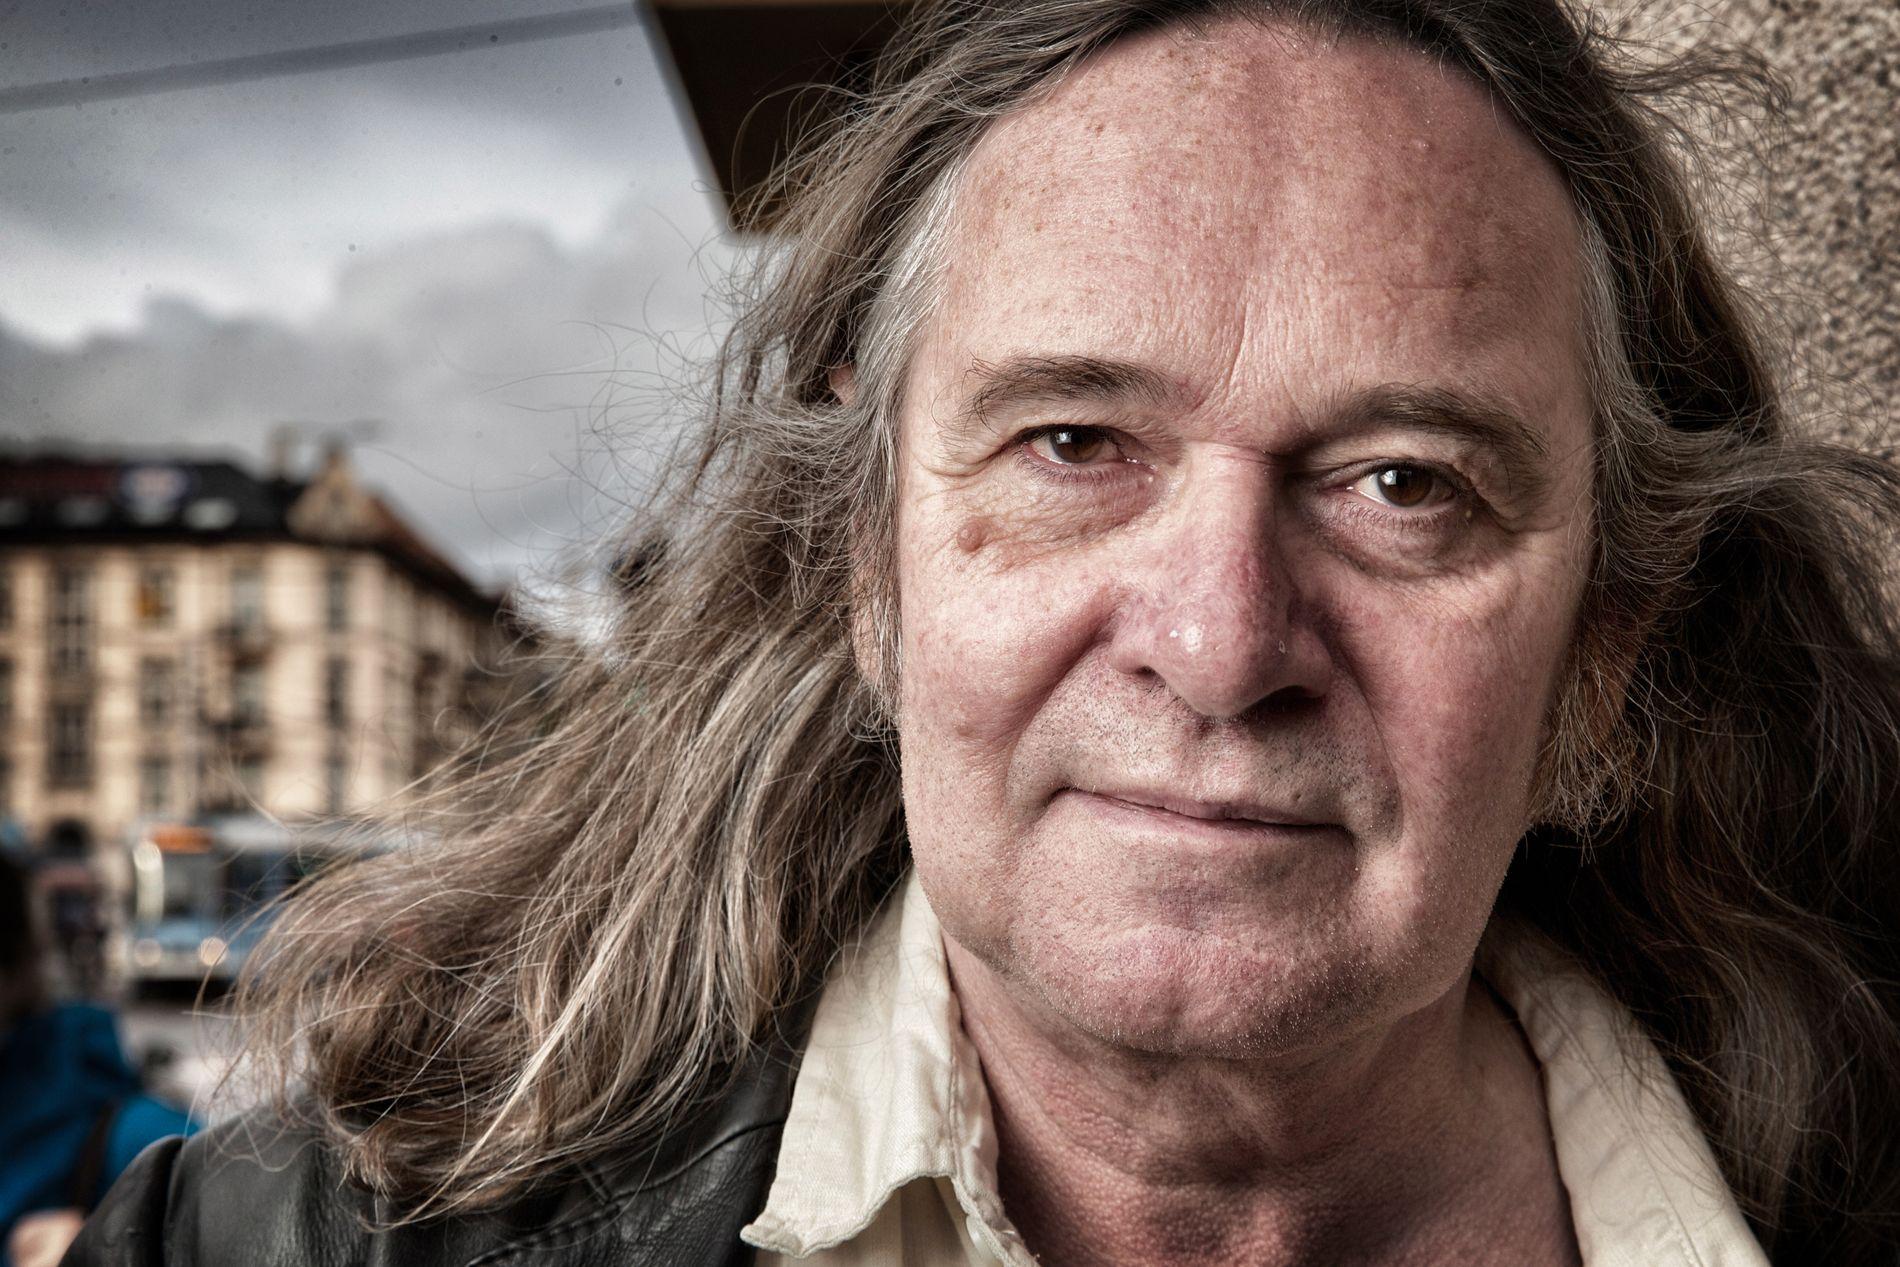 ELLING-NYTT: Ingvar Ambjørnsen (62) vekket Elling til live som blogger for noen år siden, og nå har han skrevet en femte roman om Elling - som starter rundt 13–14 år etter at vi forlot ham psykotisk i «Elsk meg i morgen» (kom i 1999).